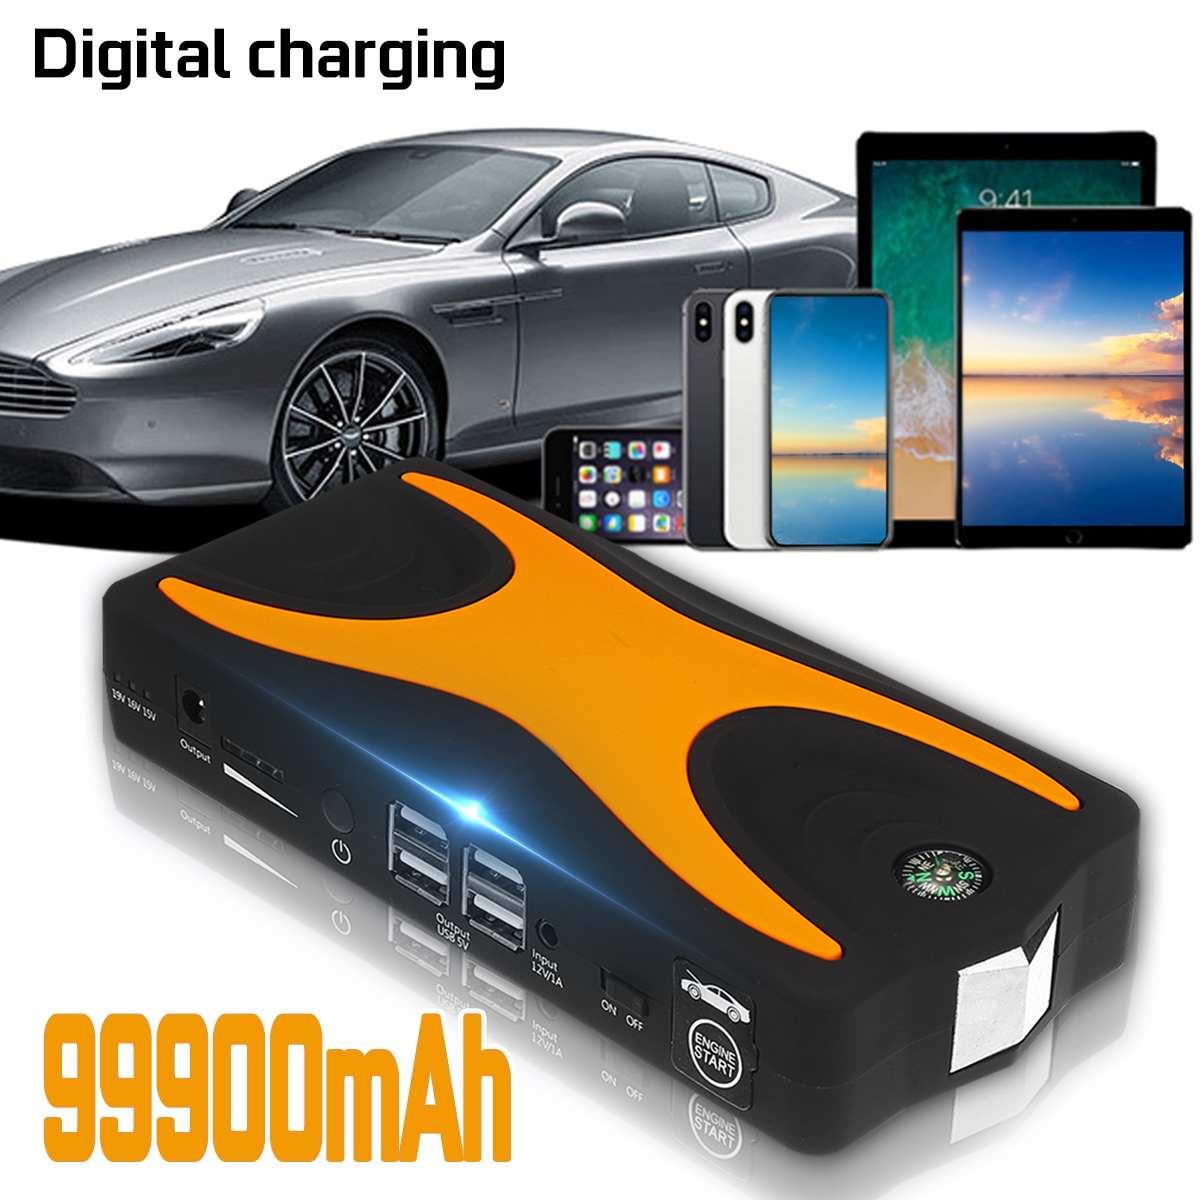 99900 mAh 15 V 4USB 900A Démarreur Voiture De Saut De Voiture Batterie Booster Chargeur Booster batterie externe Dispositif de Démarrage pour Diesel Essence